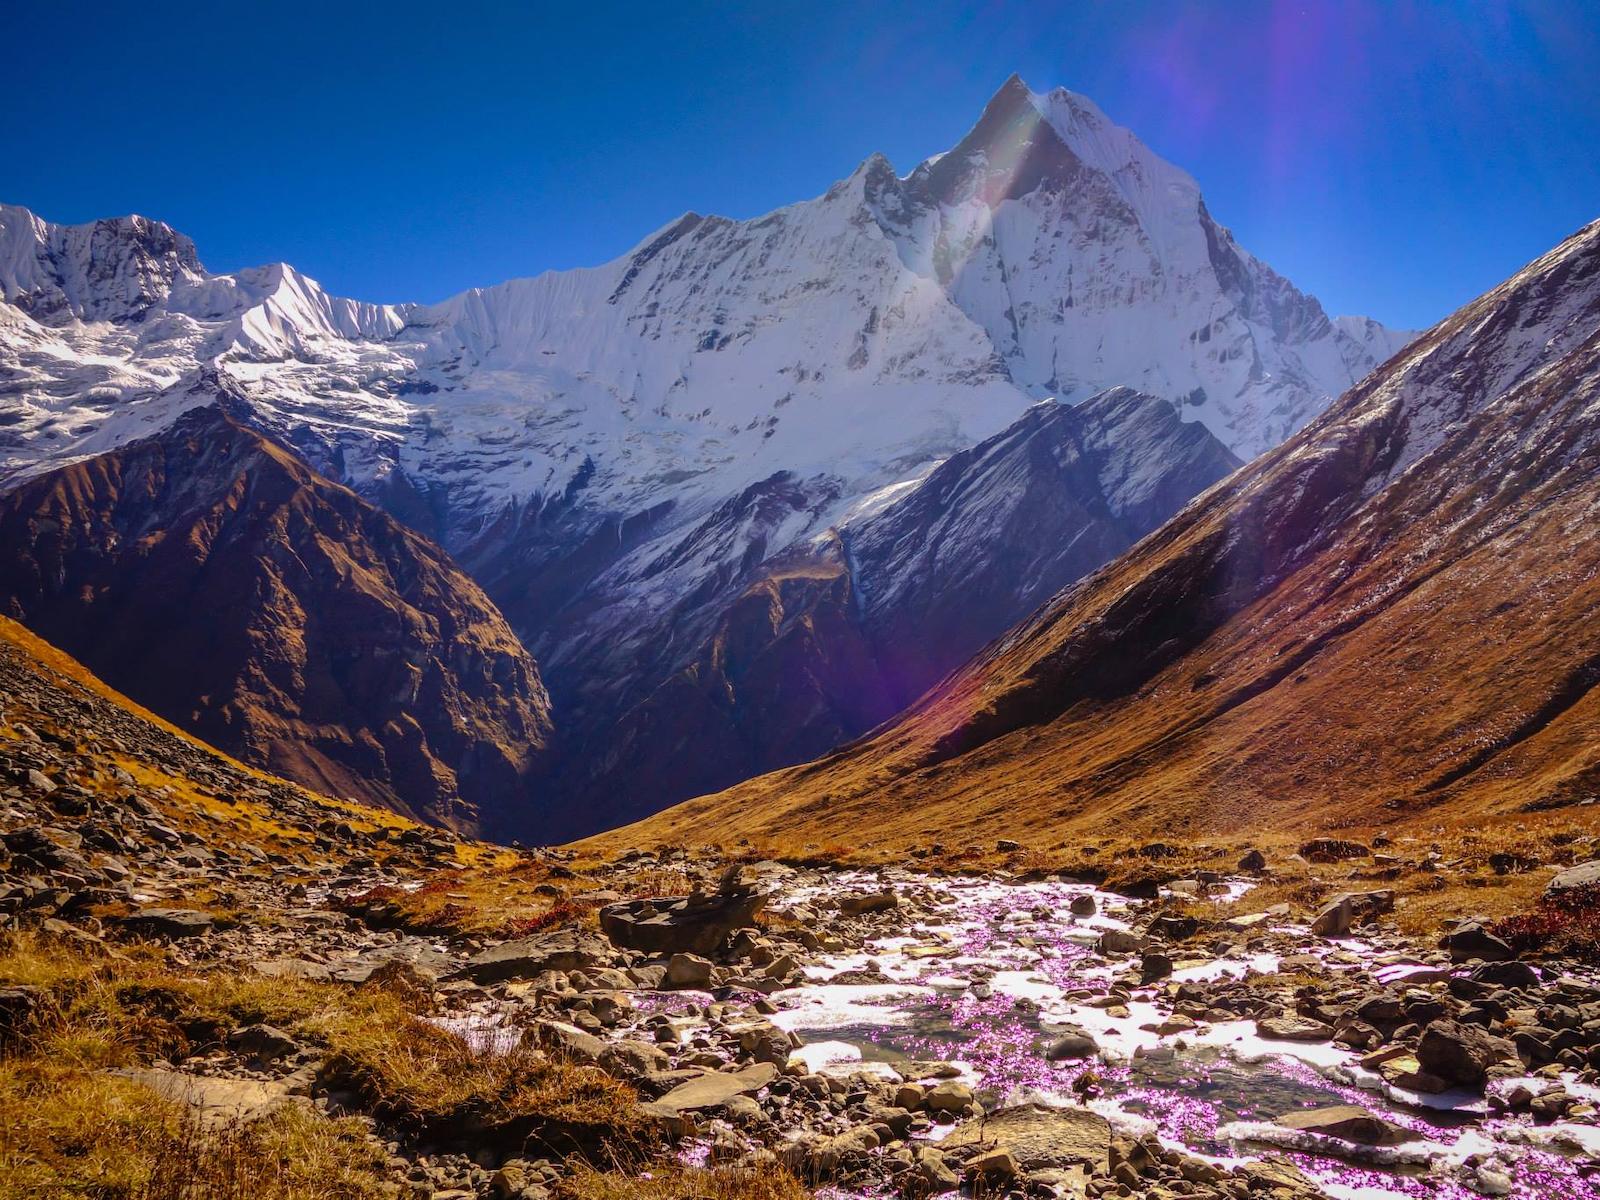 Jornada no acampamento-base de Annapurna